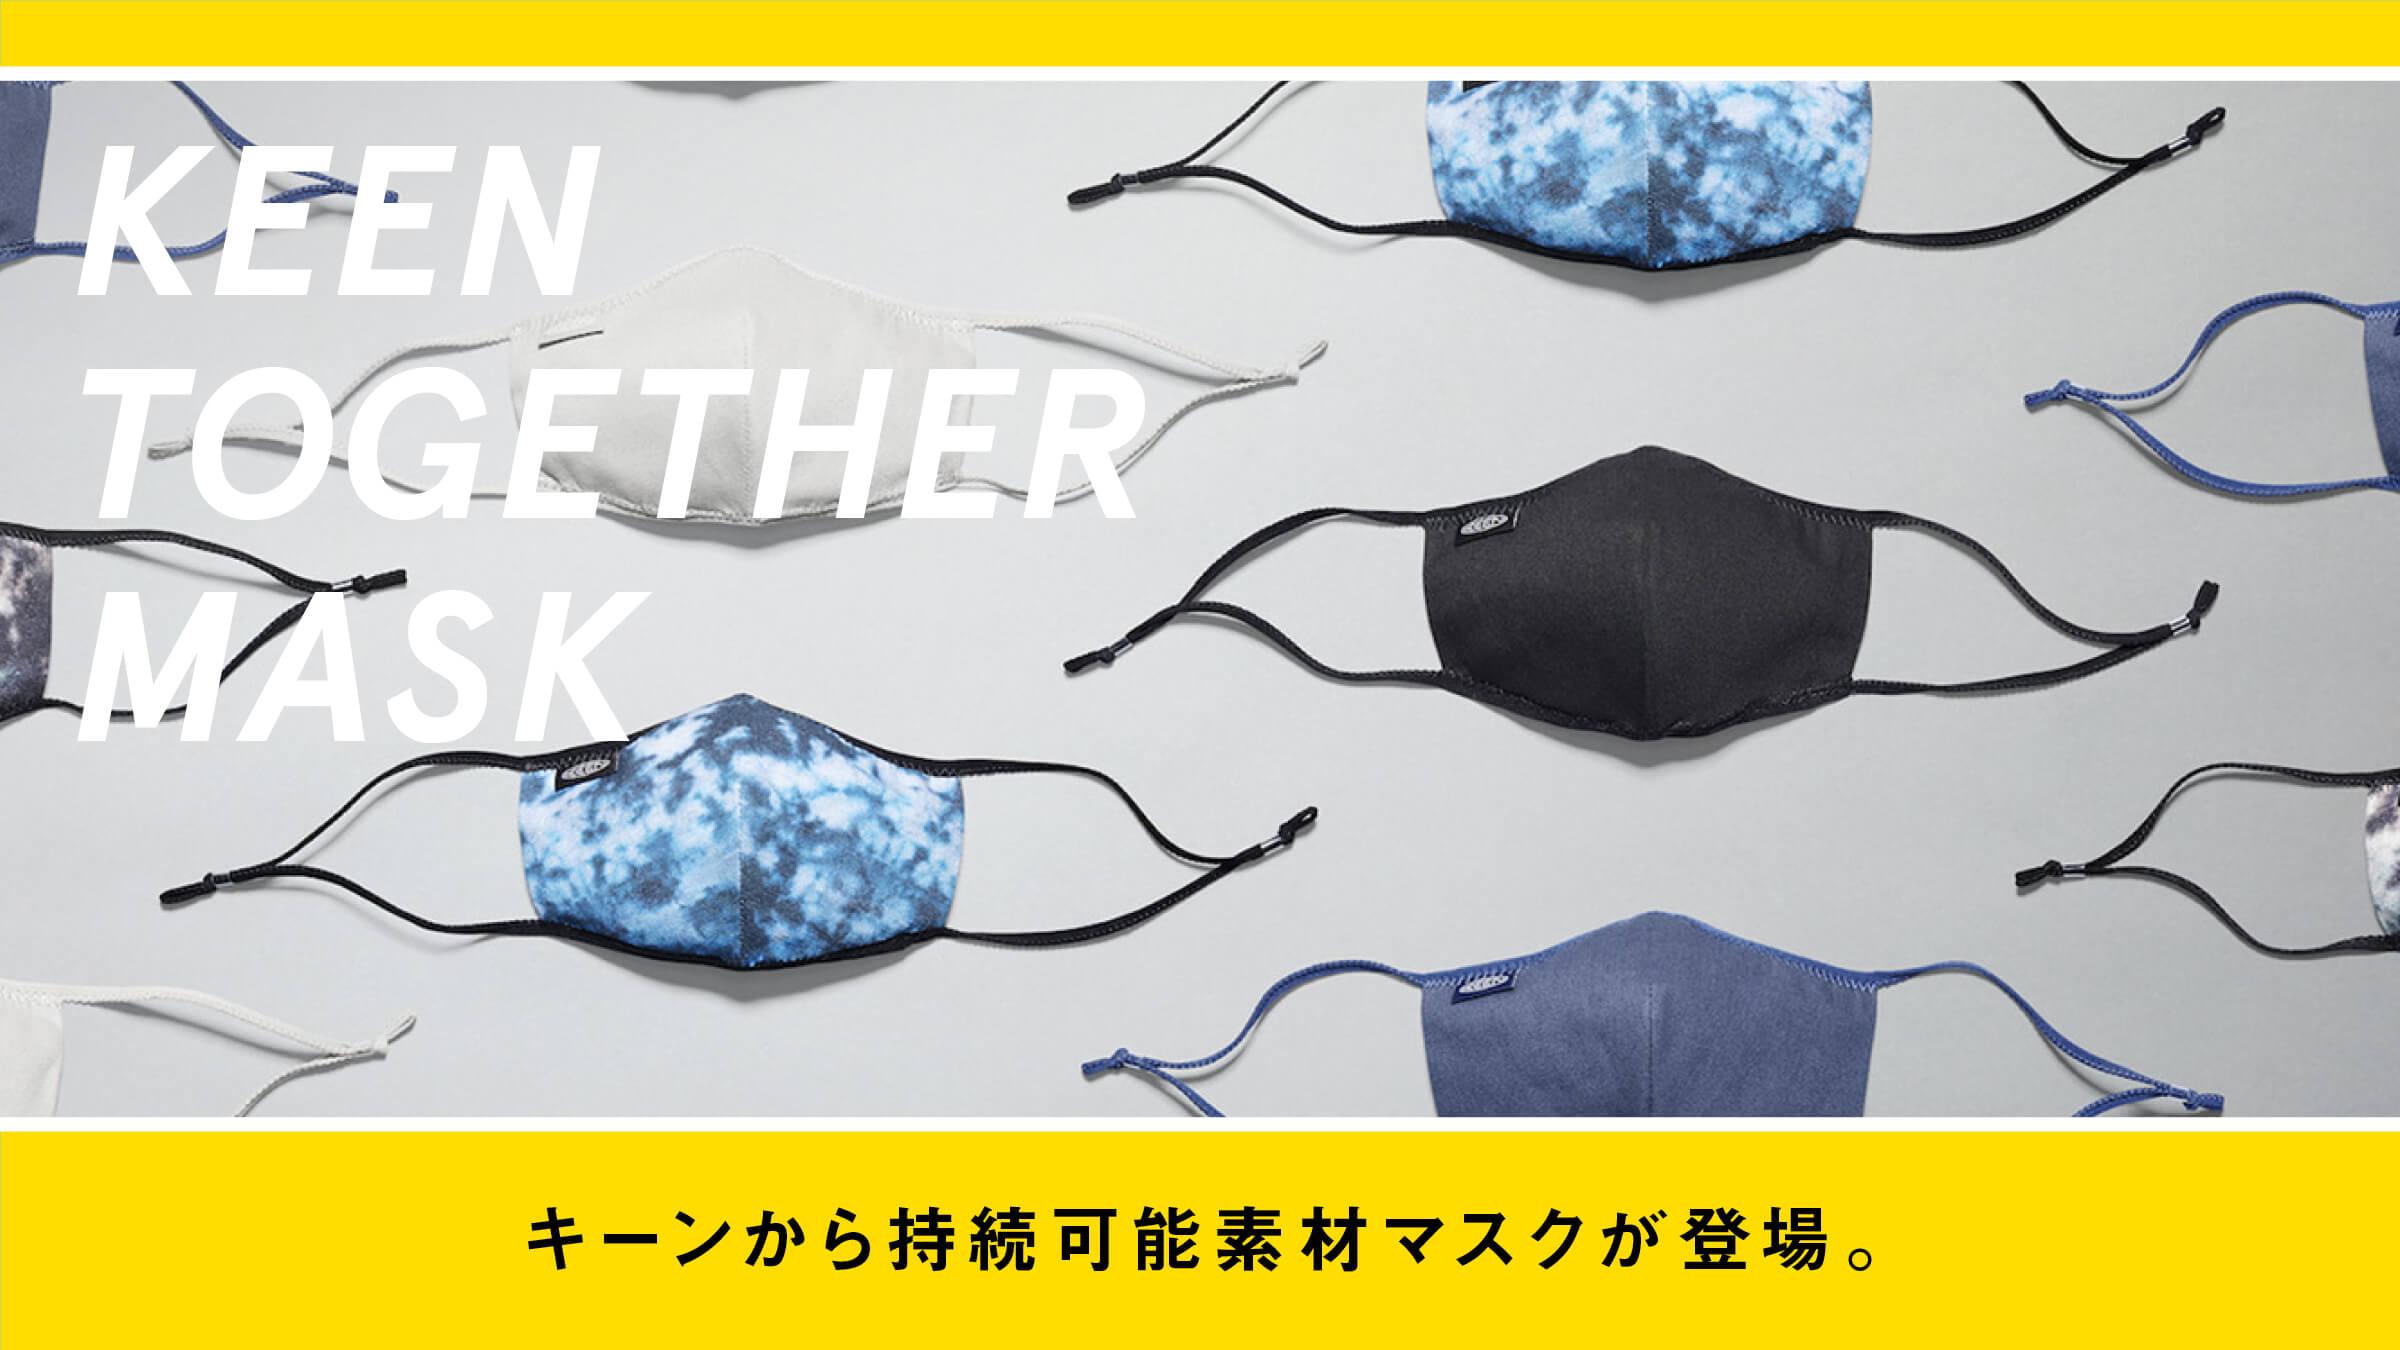 キーンから持続可能素材マスクが登場。